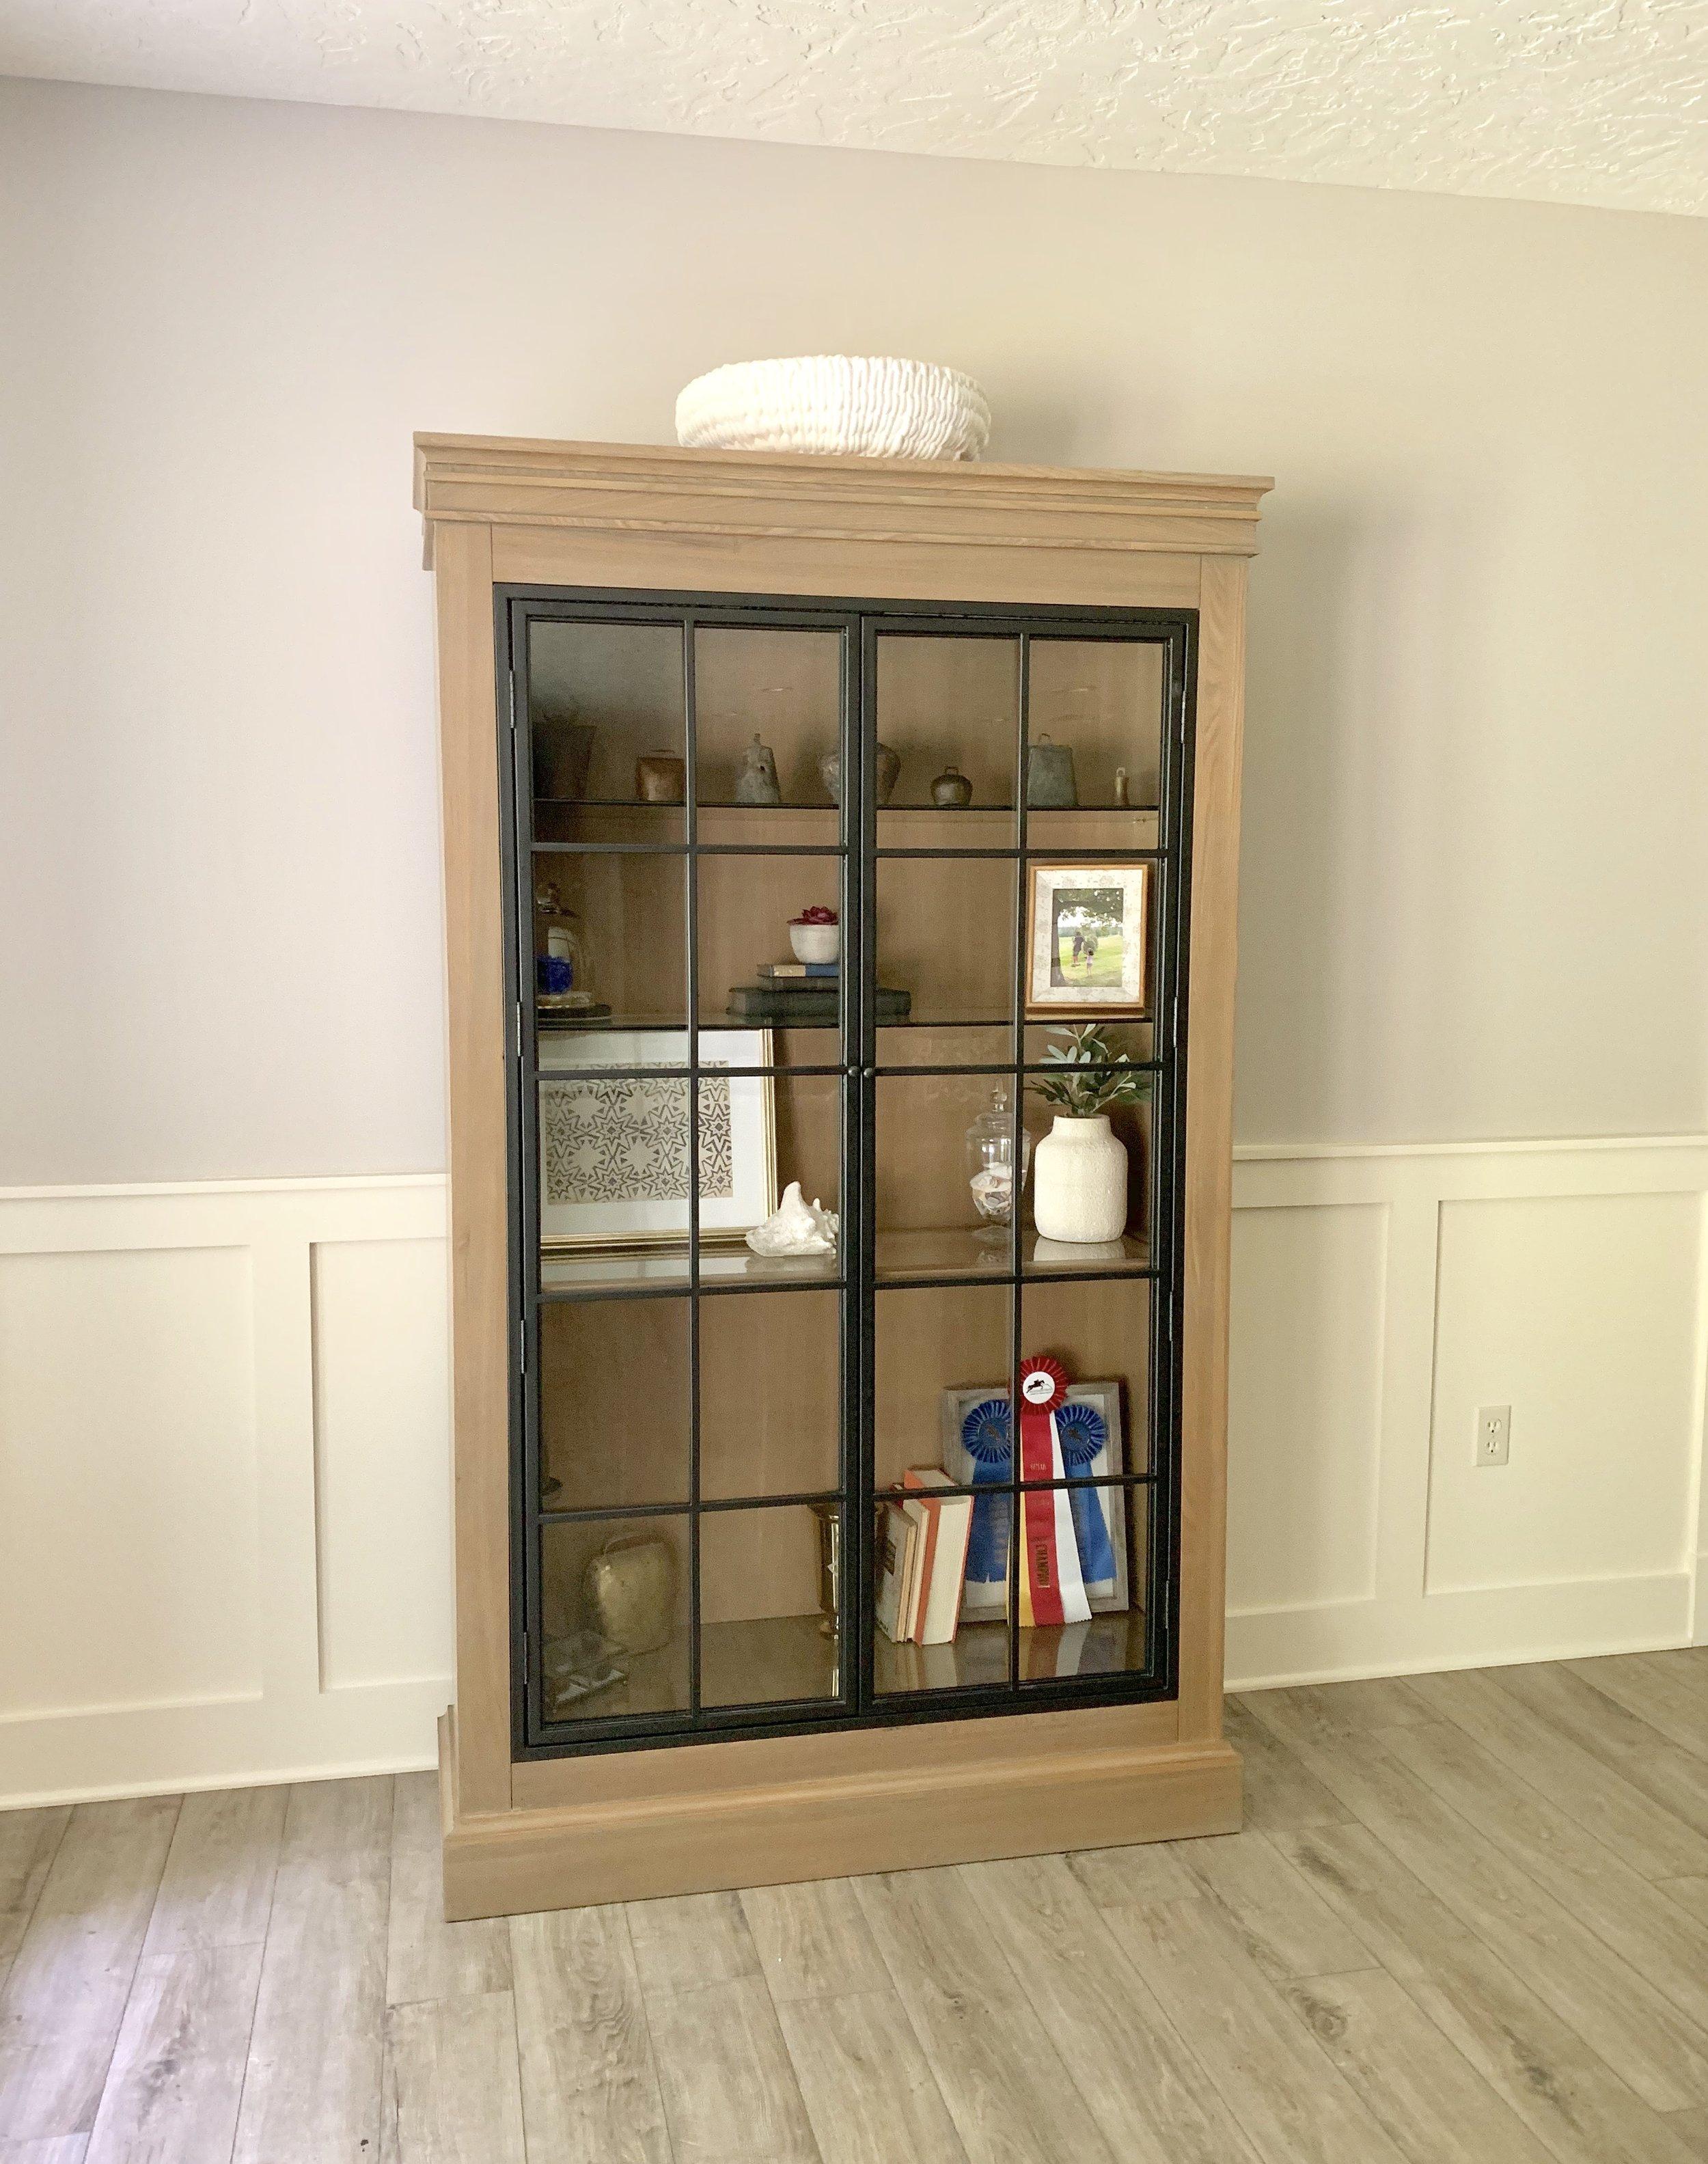 Ballard Designs Delano Iron Door Cabinet with modern farmhouse décor. Farmhouse Redefined.